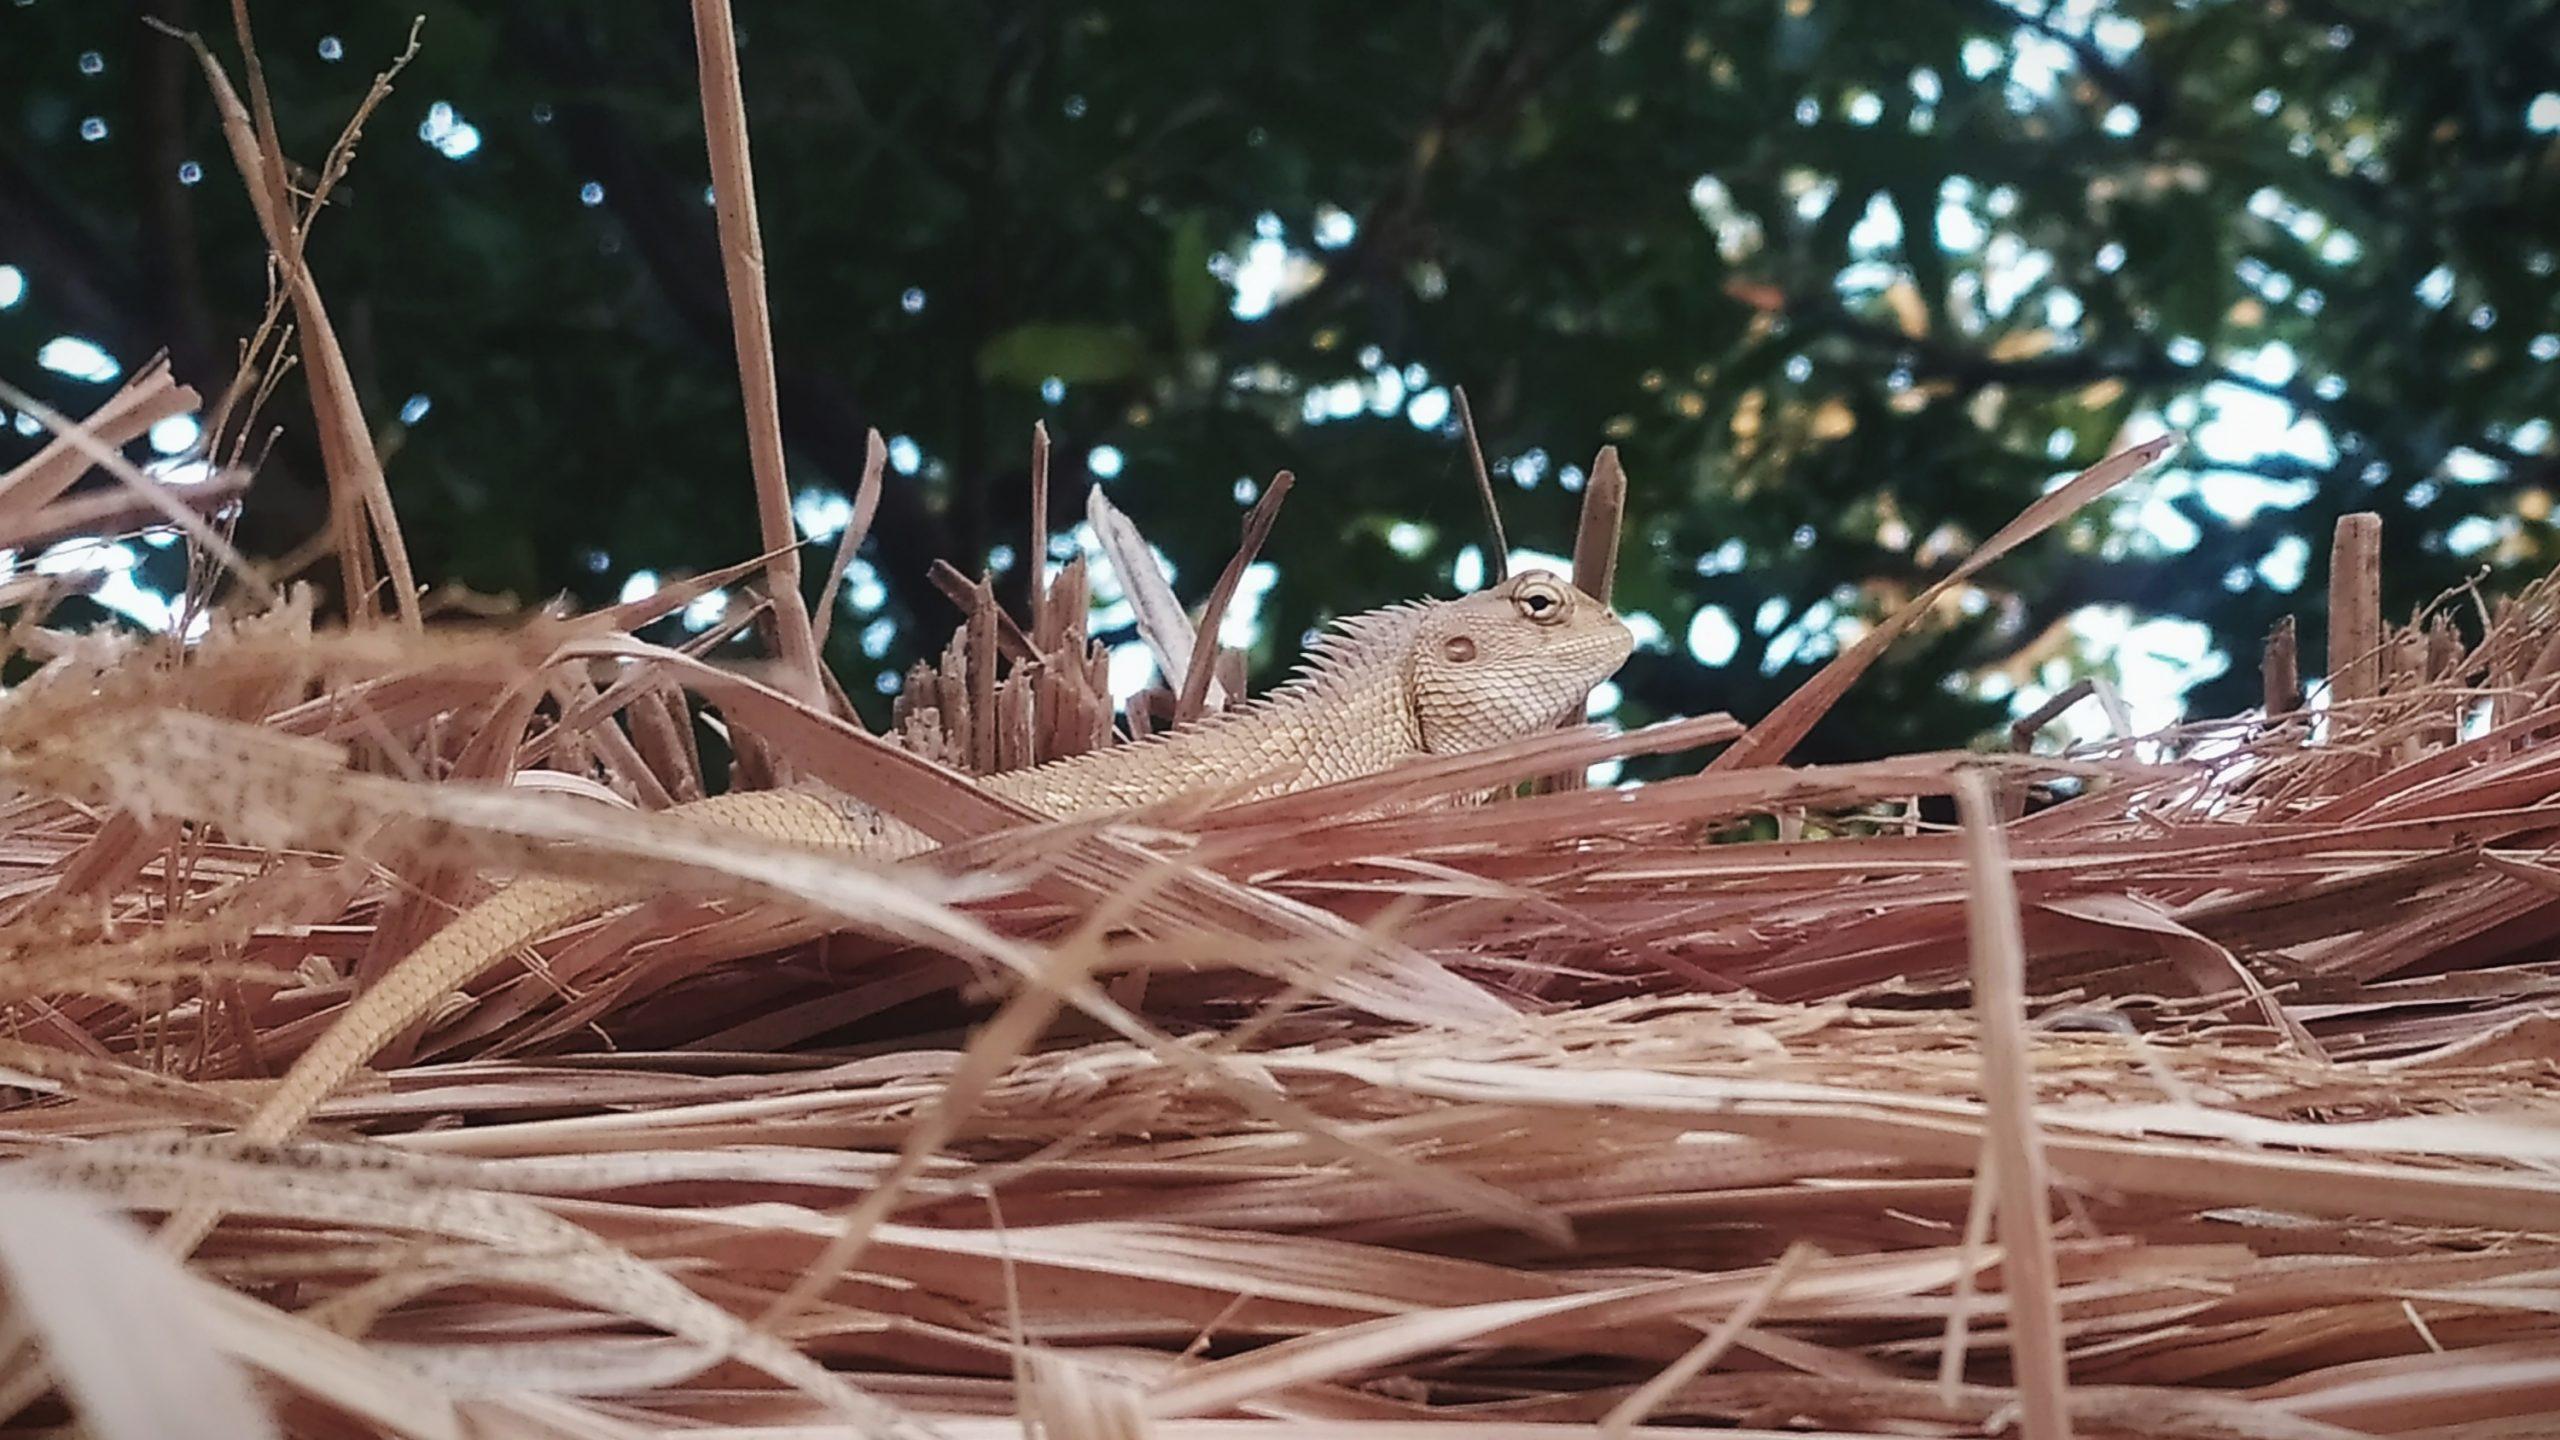 Lizard on grass